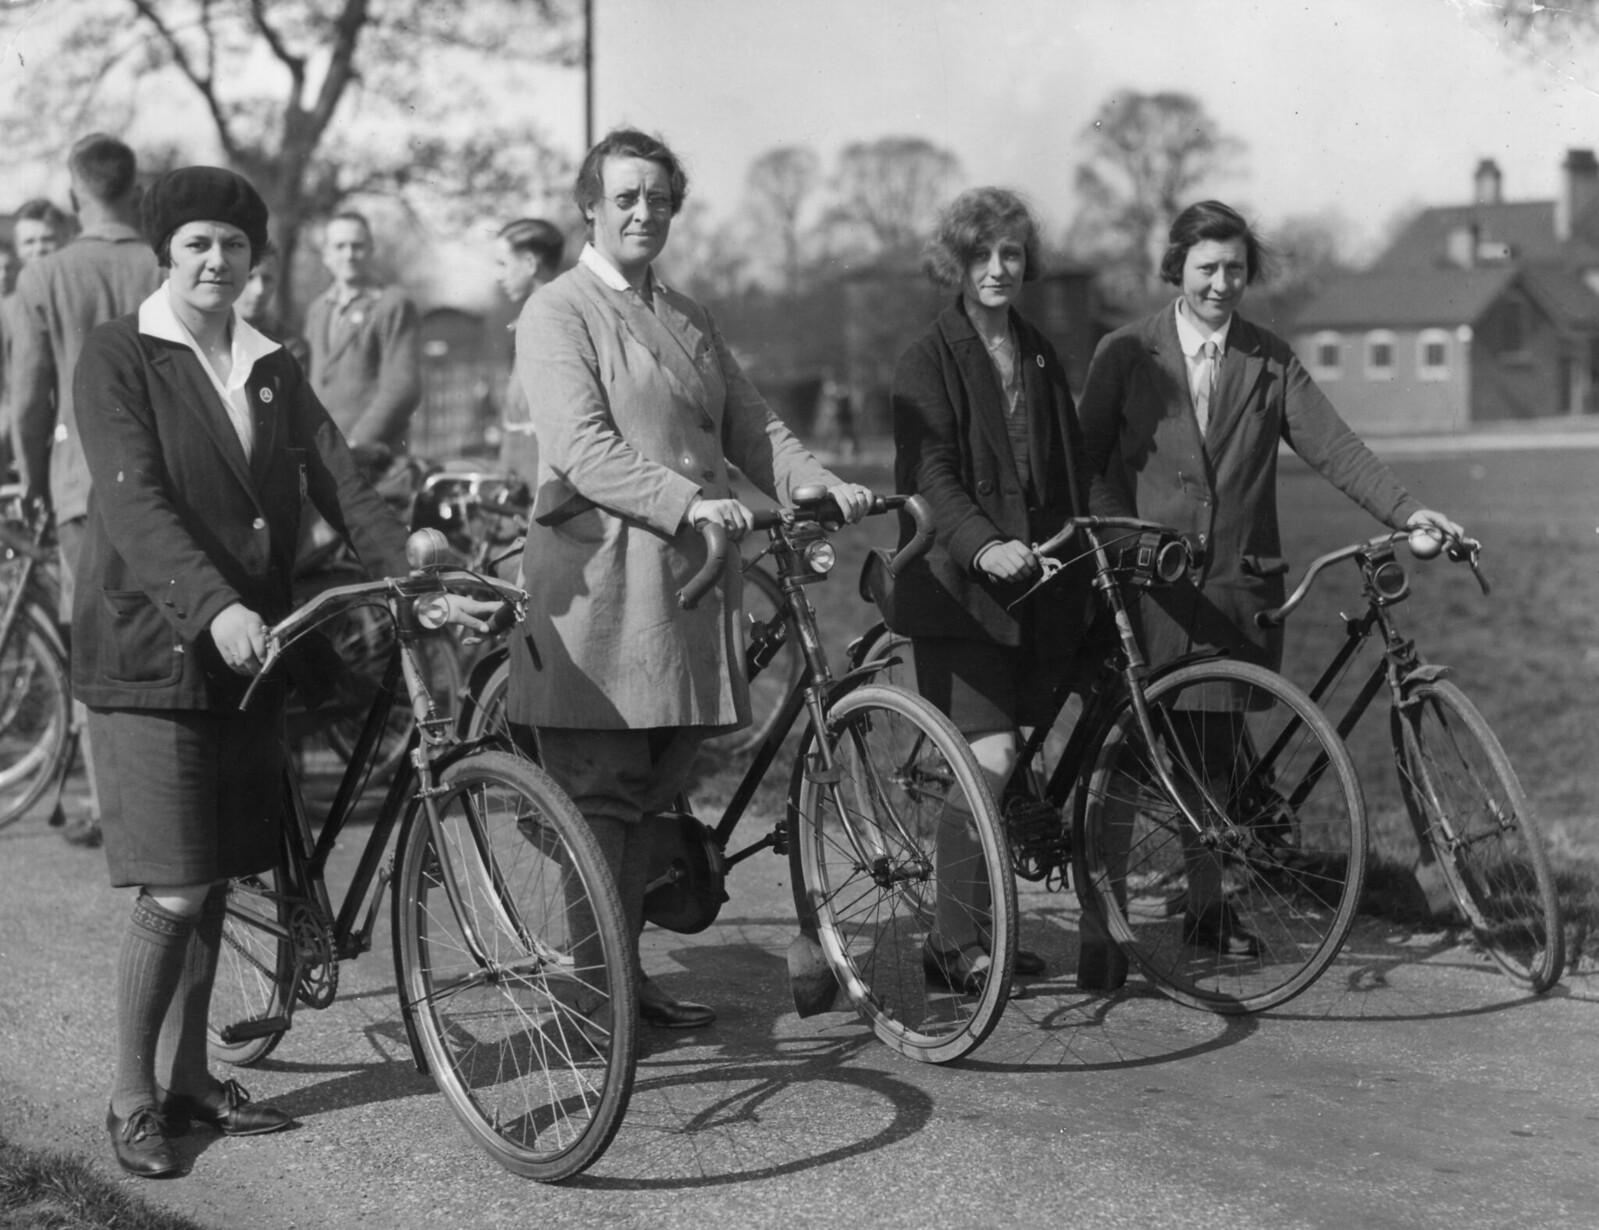 1931. Члены южной секции Туристического клуба велосипедистов в Митчеме, графство Суррей, в первые весенние солнечные выходные .12 апреля